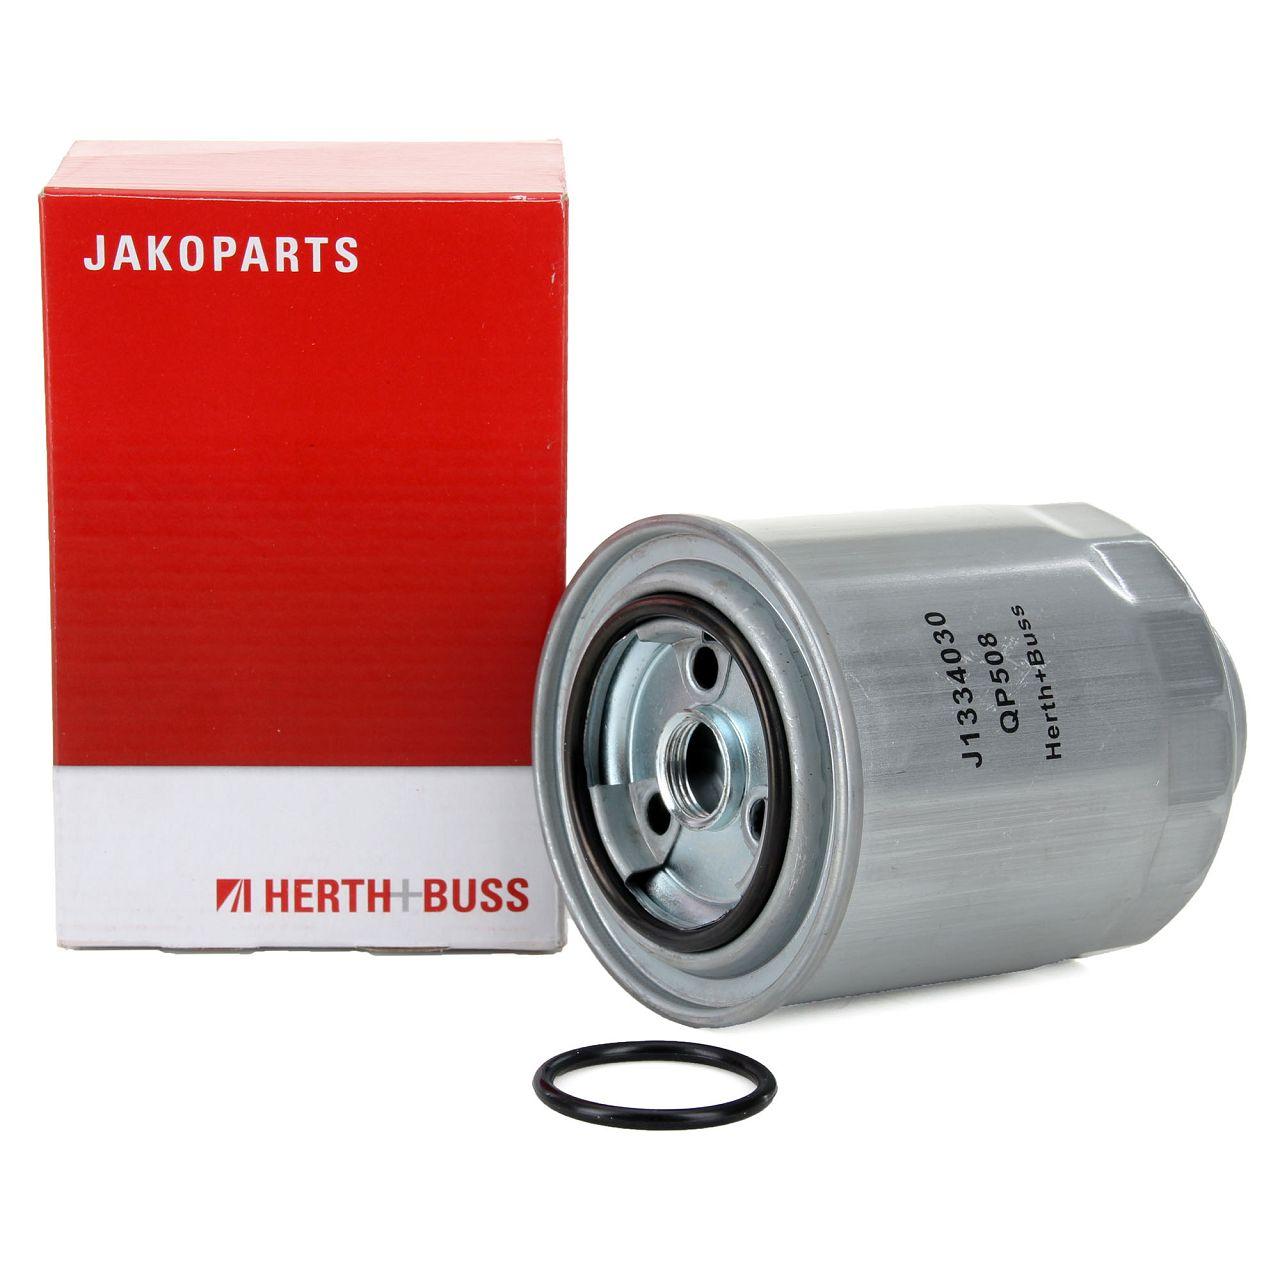 HERTH+BUSS JAKOPARTS Kraftstofffilter Dieselfilter für HONDA ACCORD CIVIC 2.2D